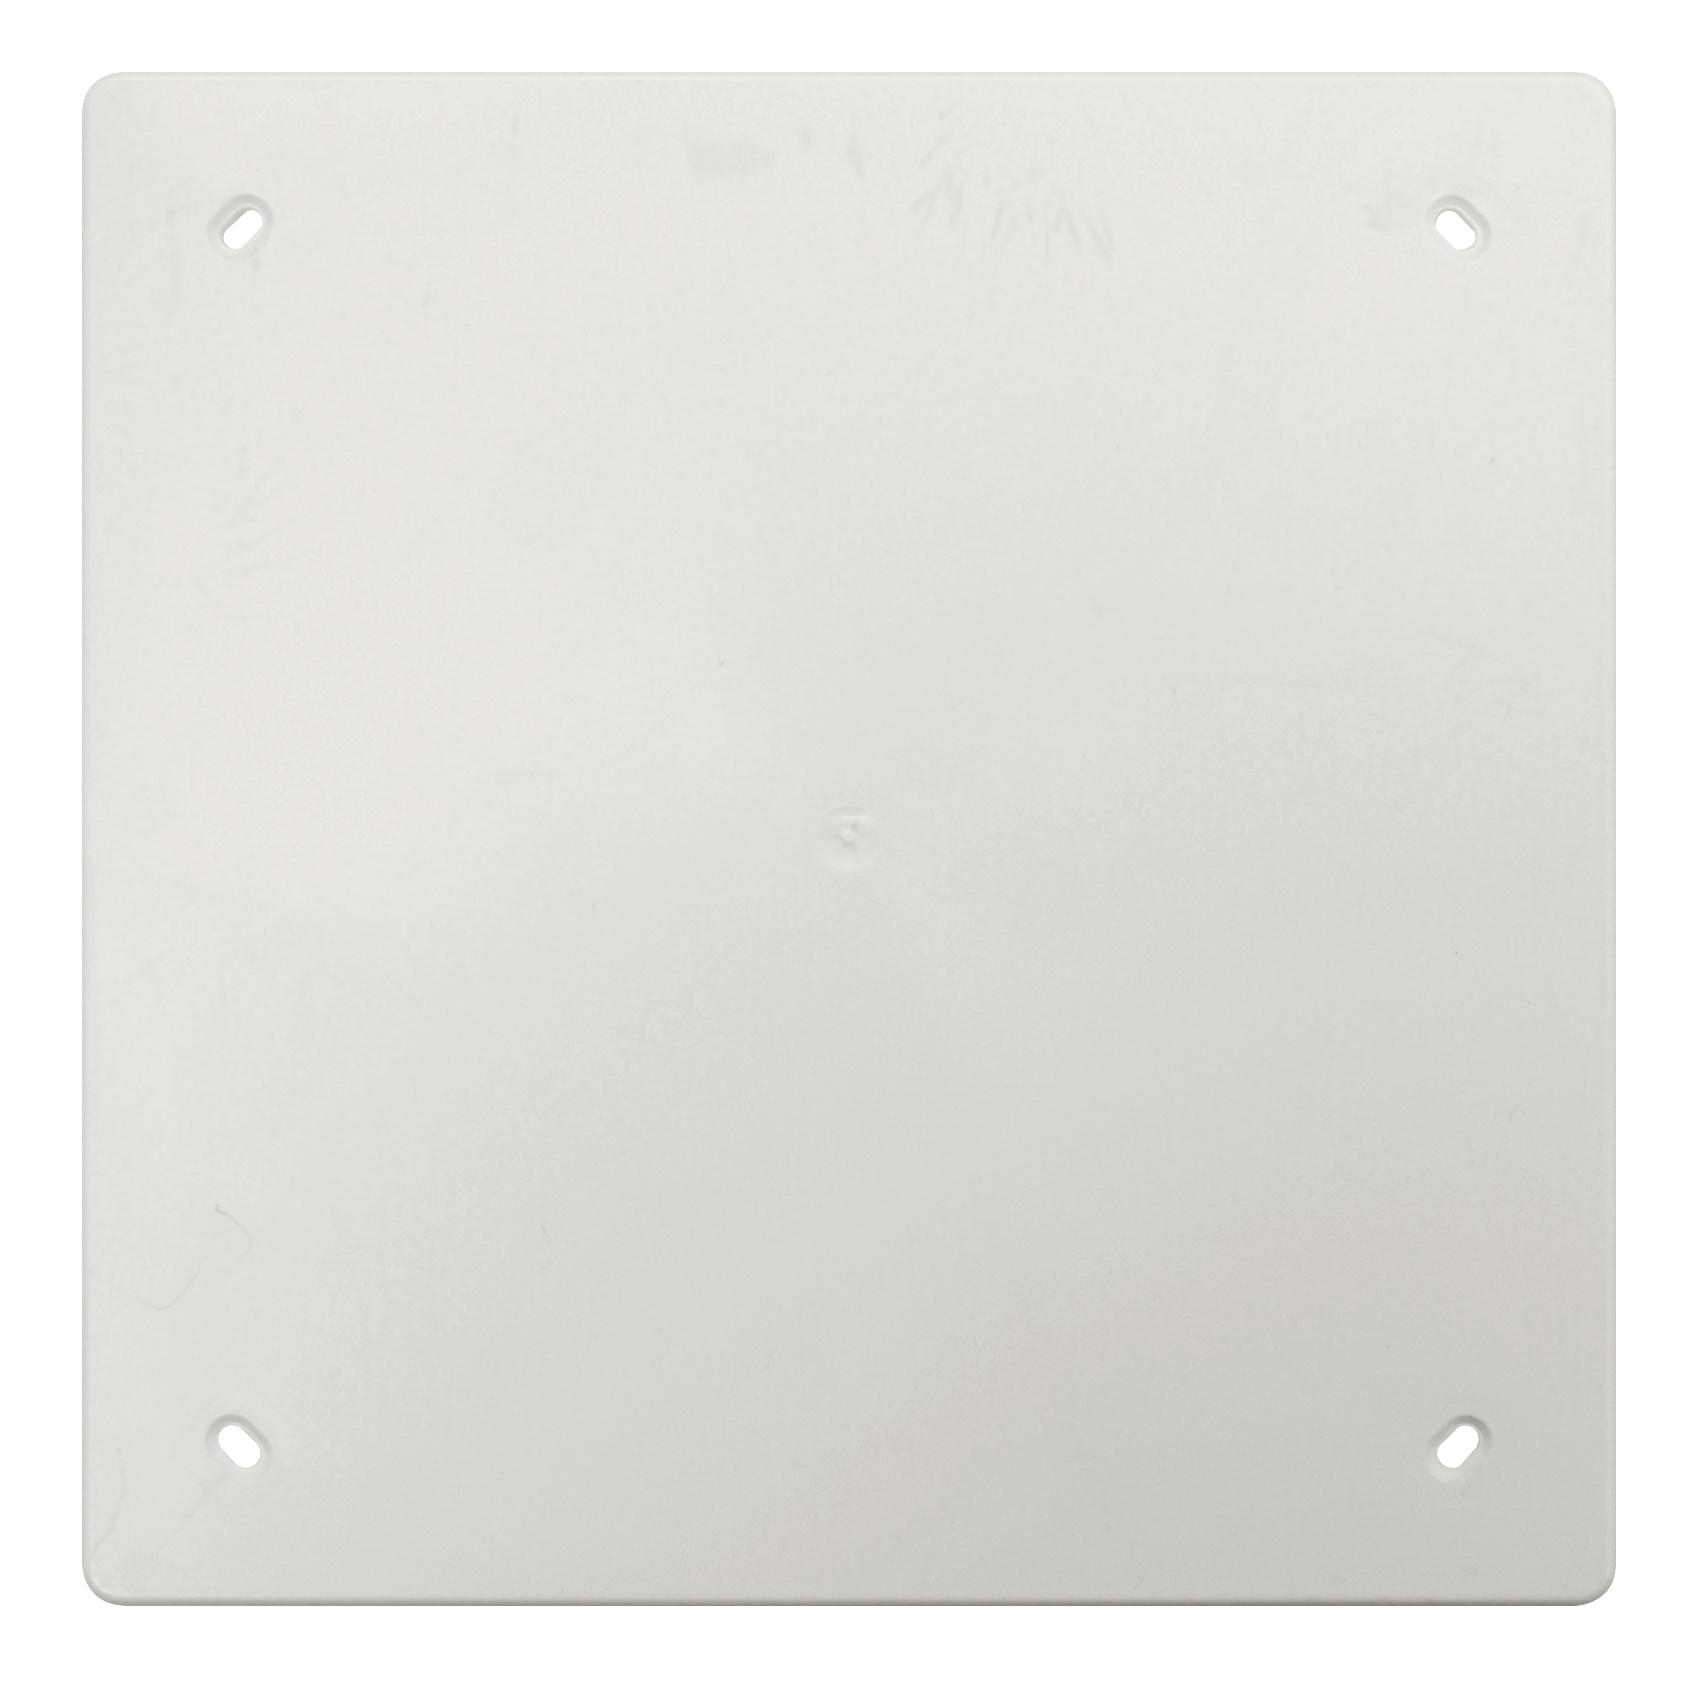 100 Stk Ersatzdeckel weiß für UP-Abzweigkasten 150x150mm GTDW142 GTDW142D--